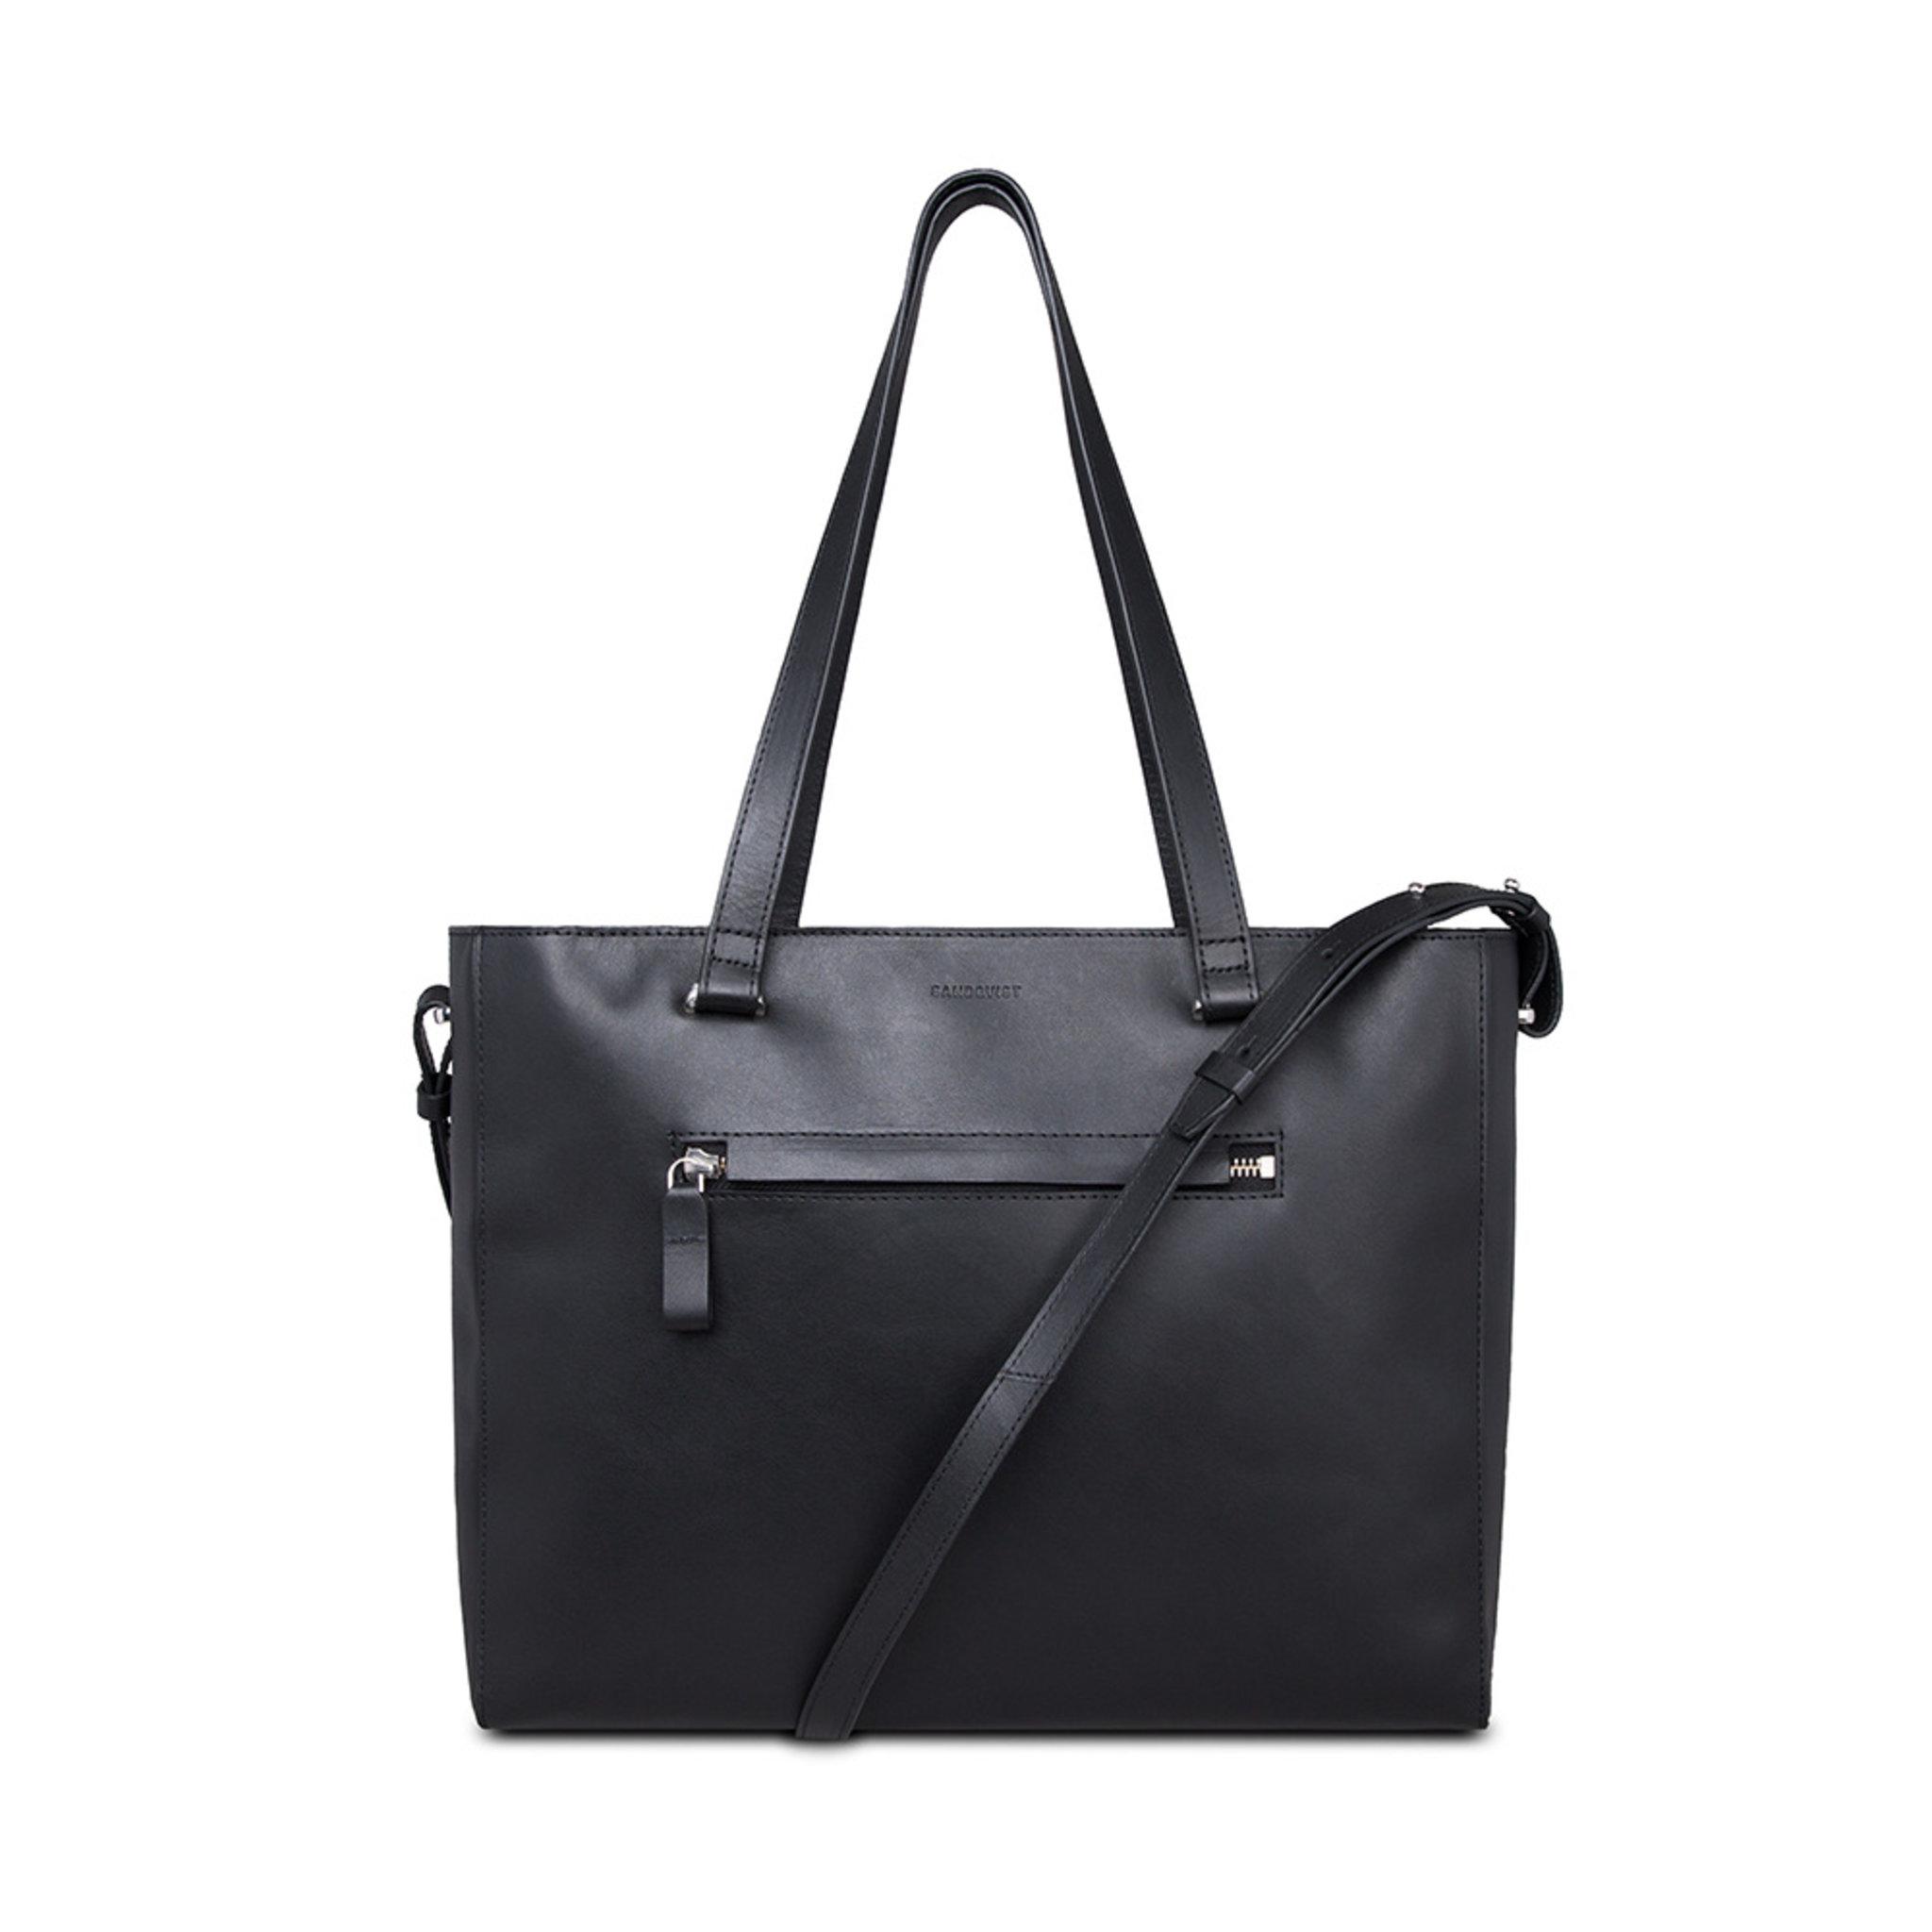 Väska Elia - Handväskor - Köp online på åhlens.se! 1083ce693cb7d